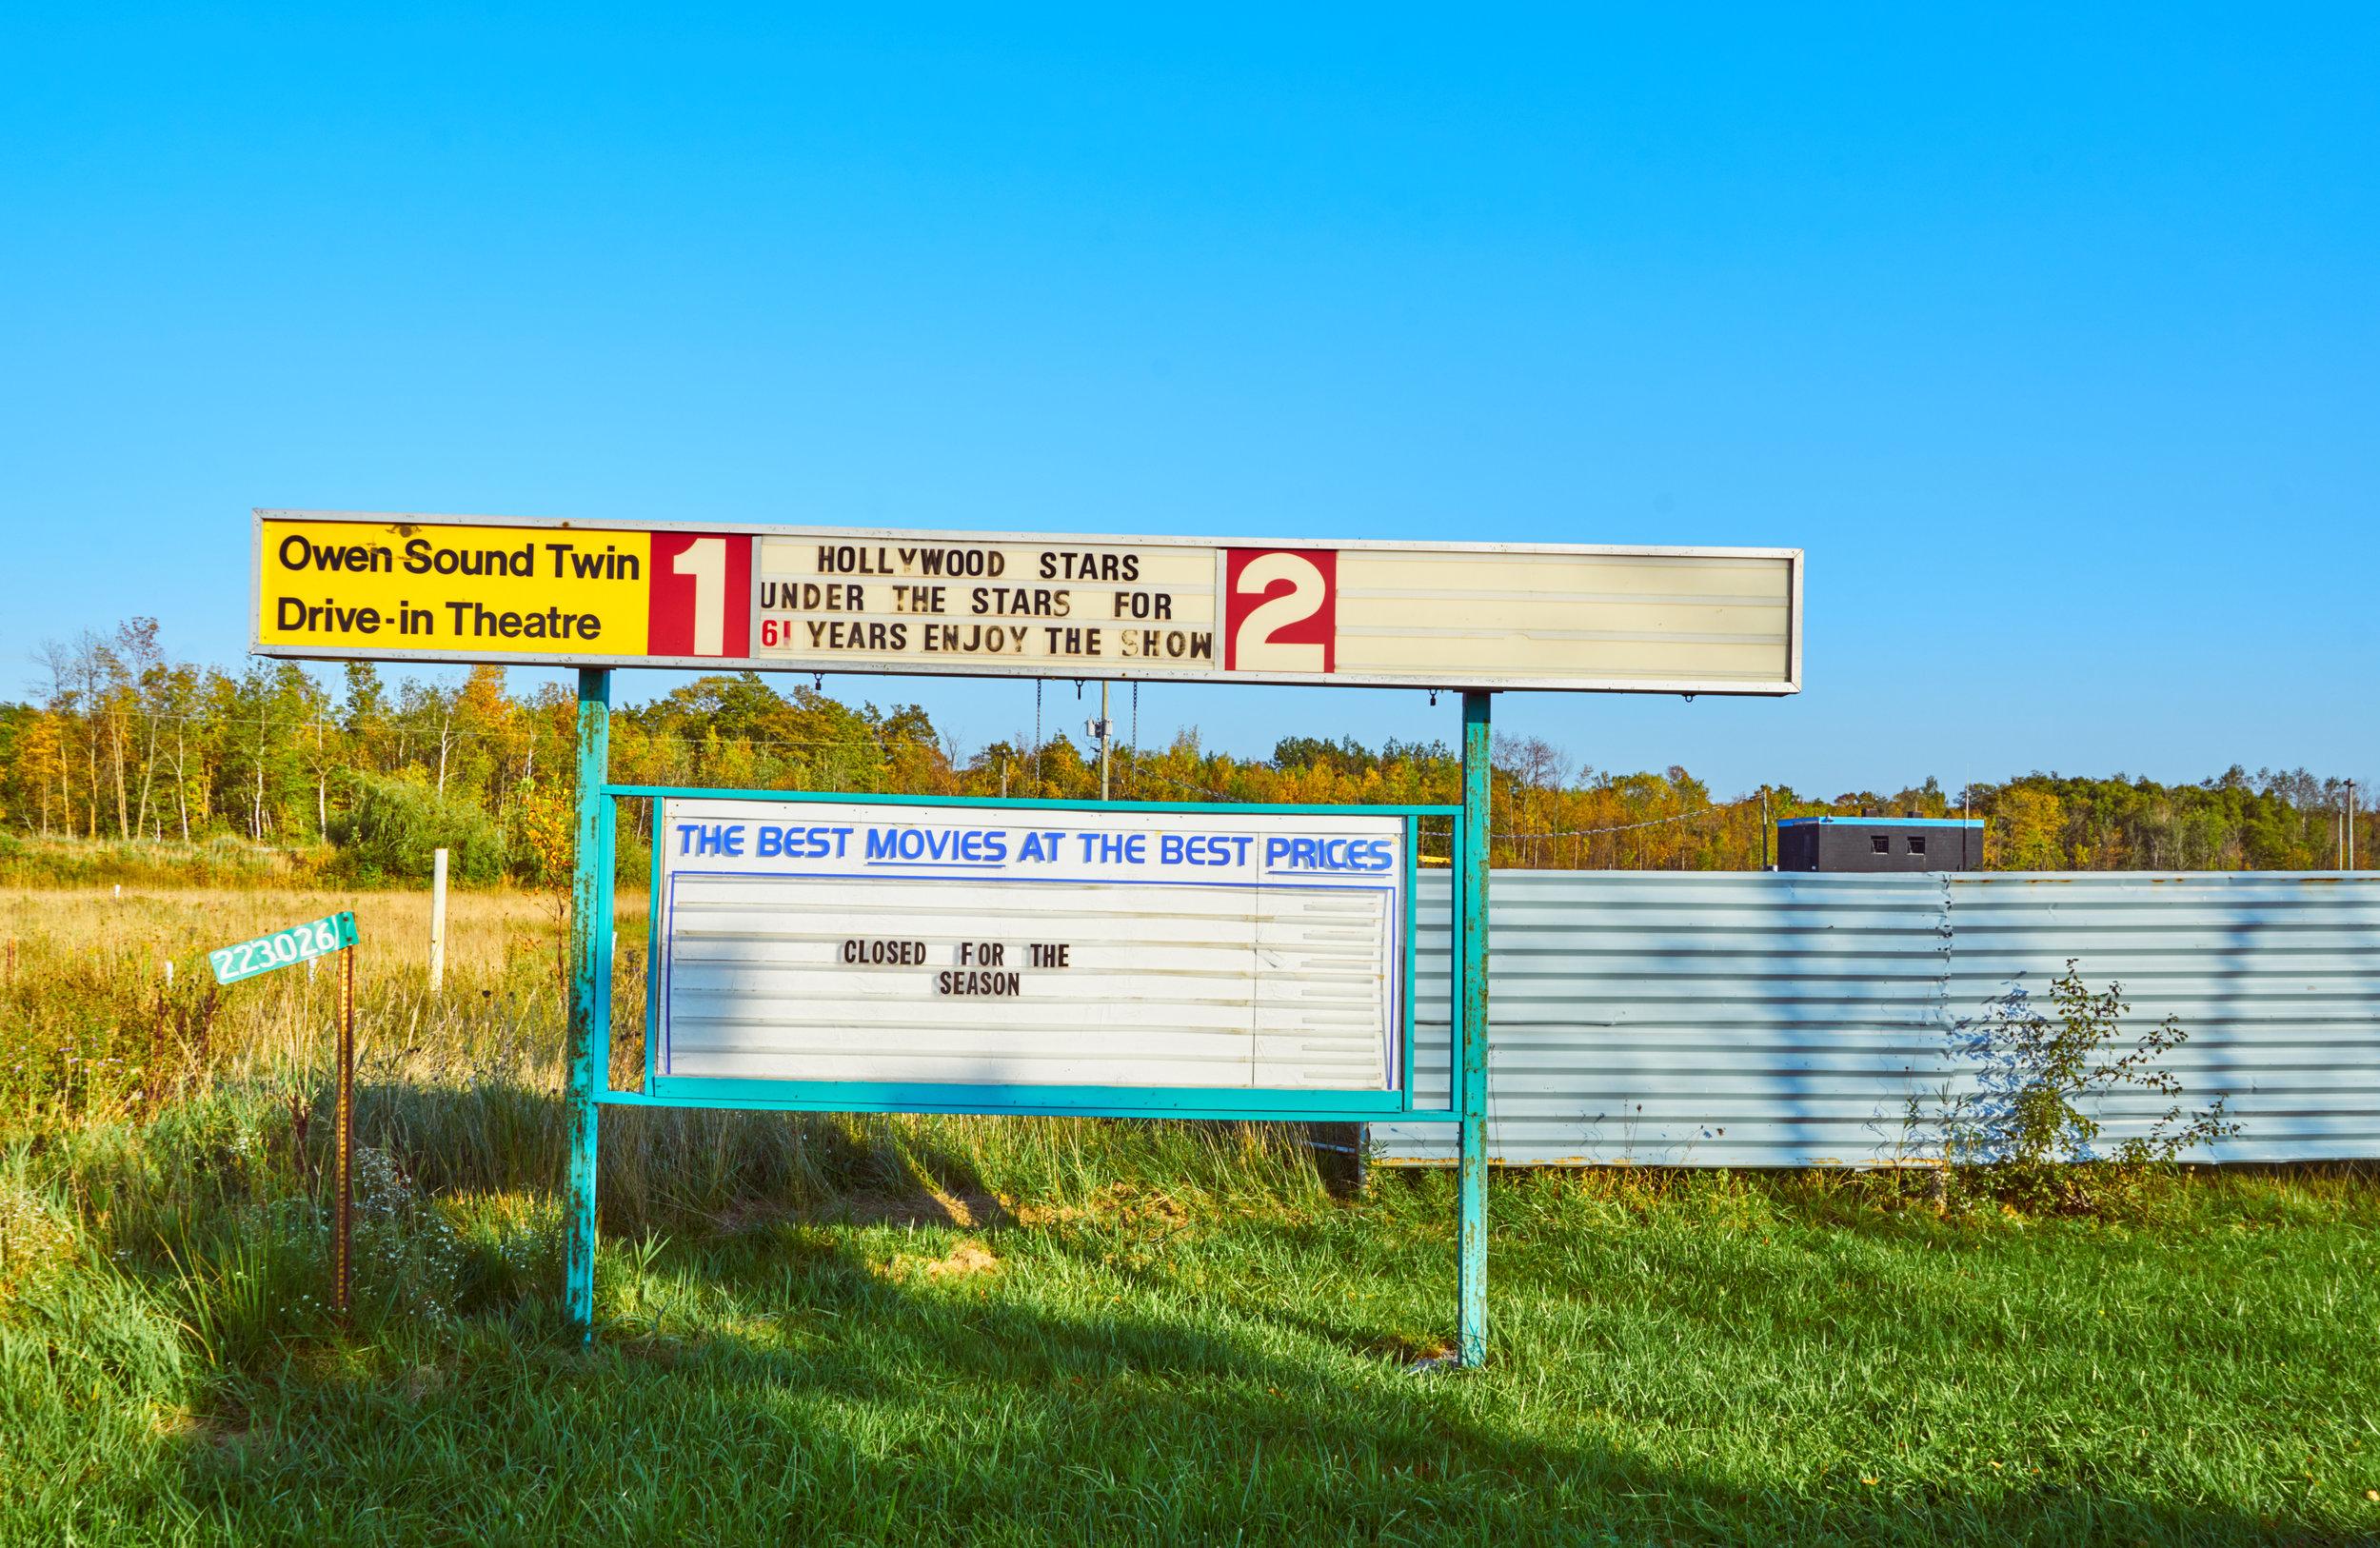 Nolan-Dubeau-Owen Sound Drive-In-DSC06324 1.jpg